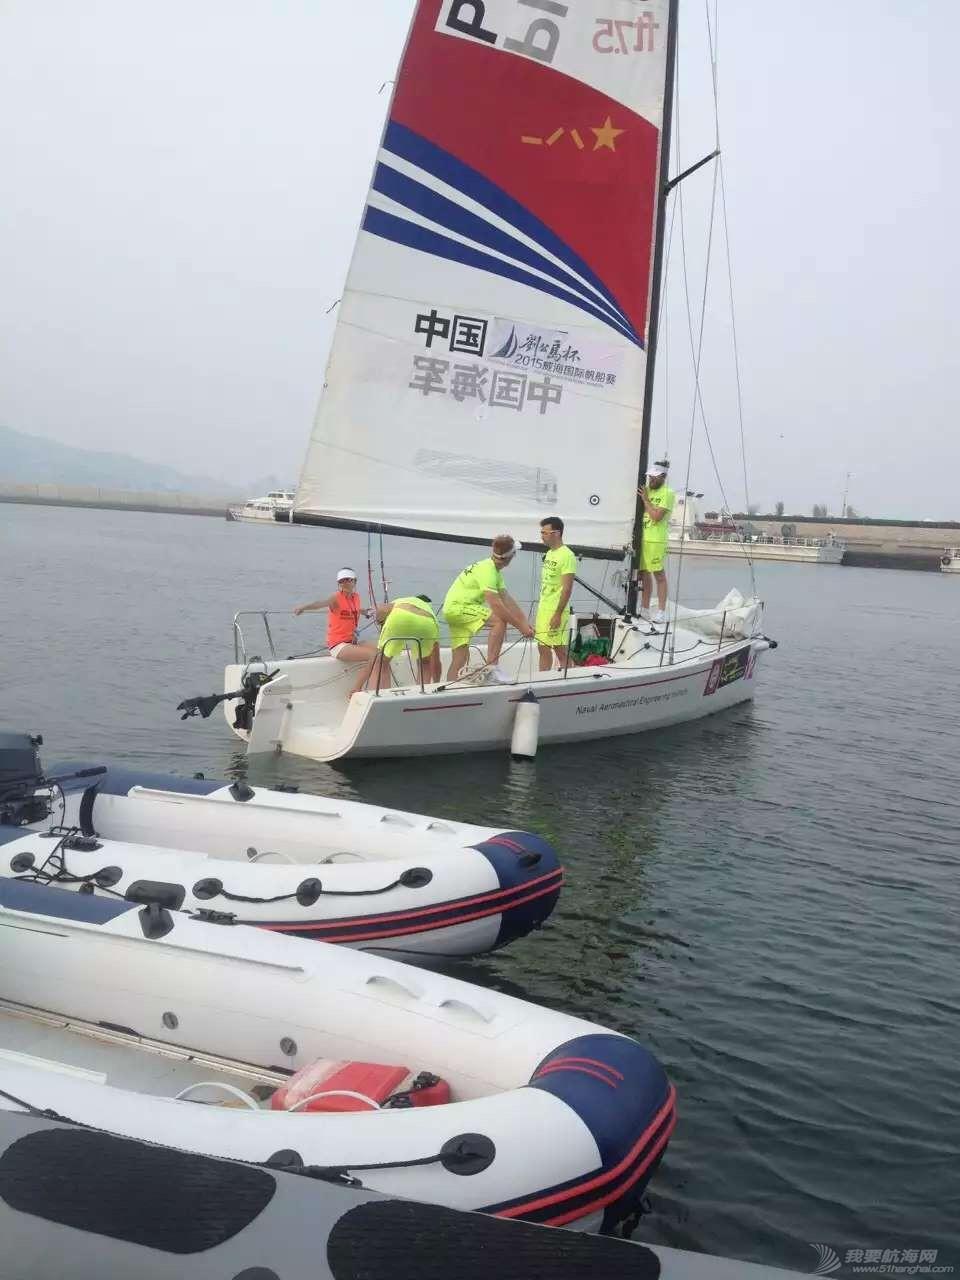 美国,朋友,帆船,国际,威海 帆船初体验——记参加威海杯国际帆船赛 出航